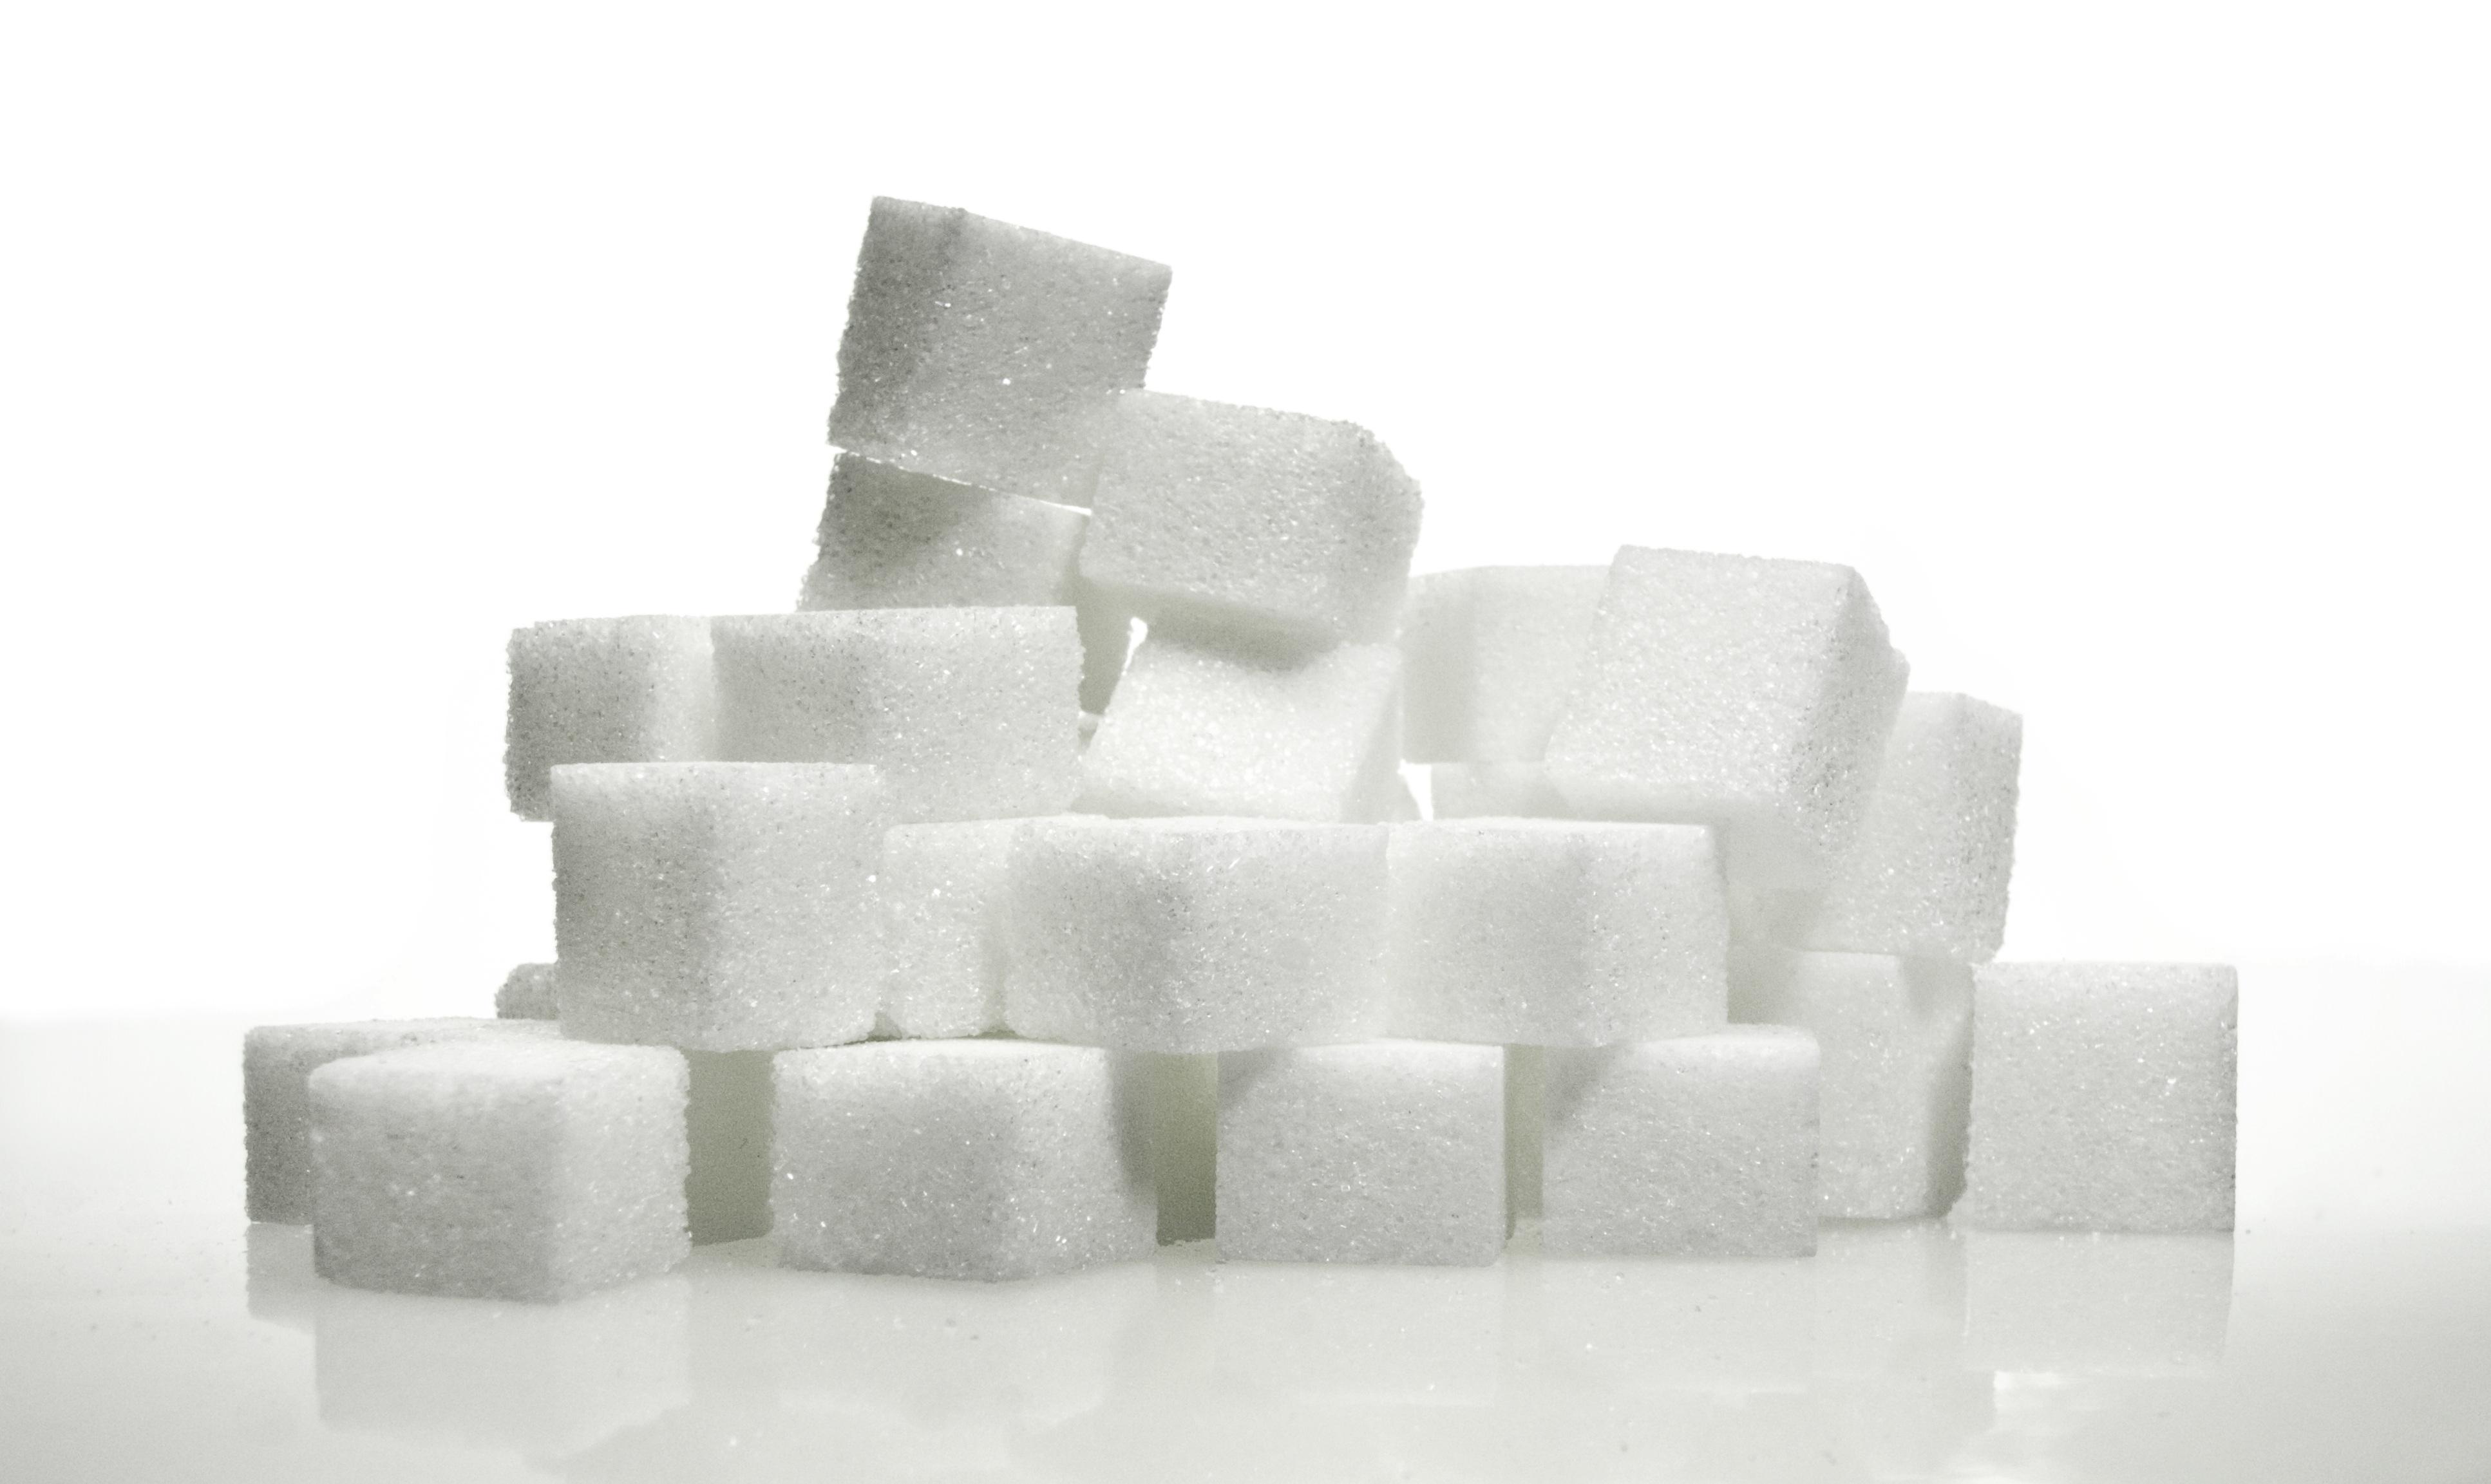 Картинка кубик сахара